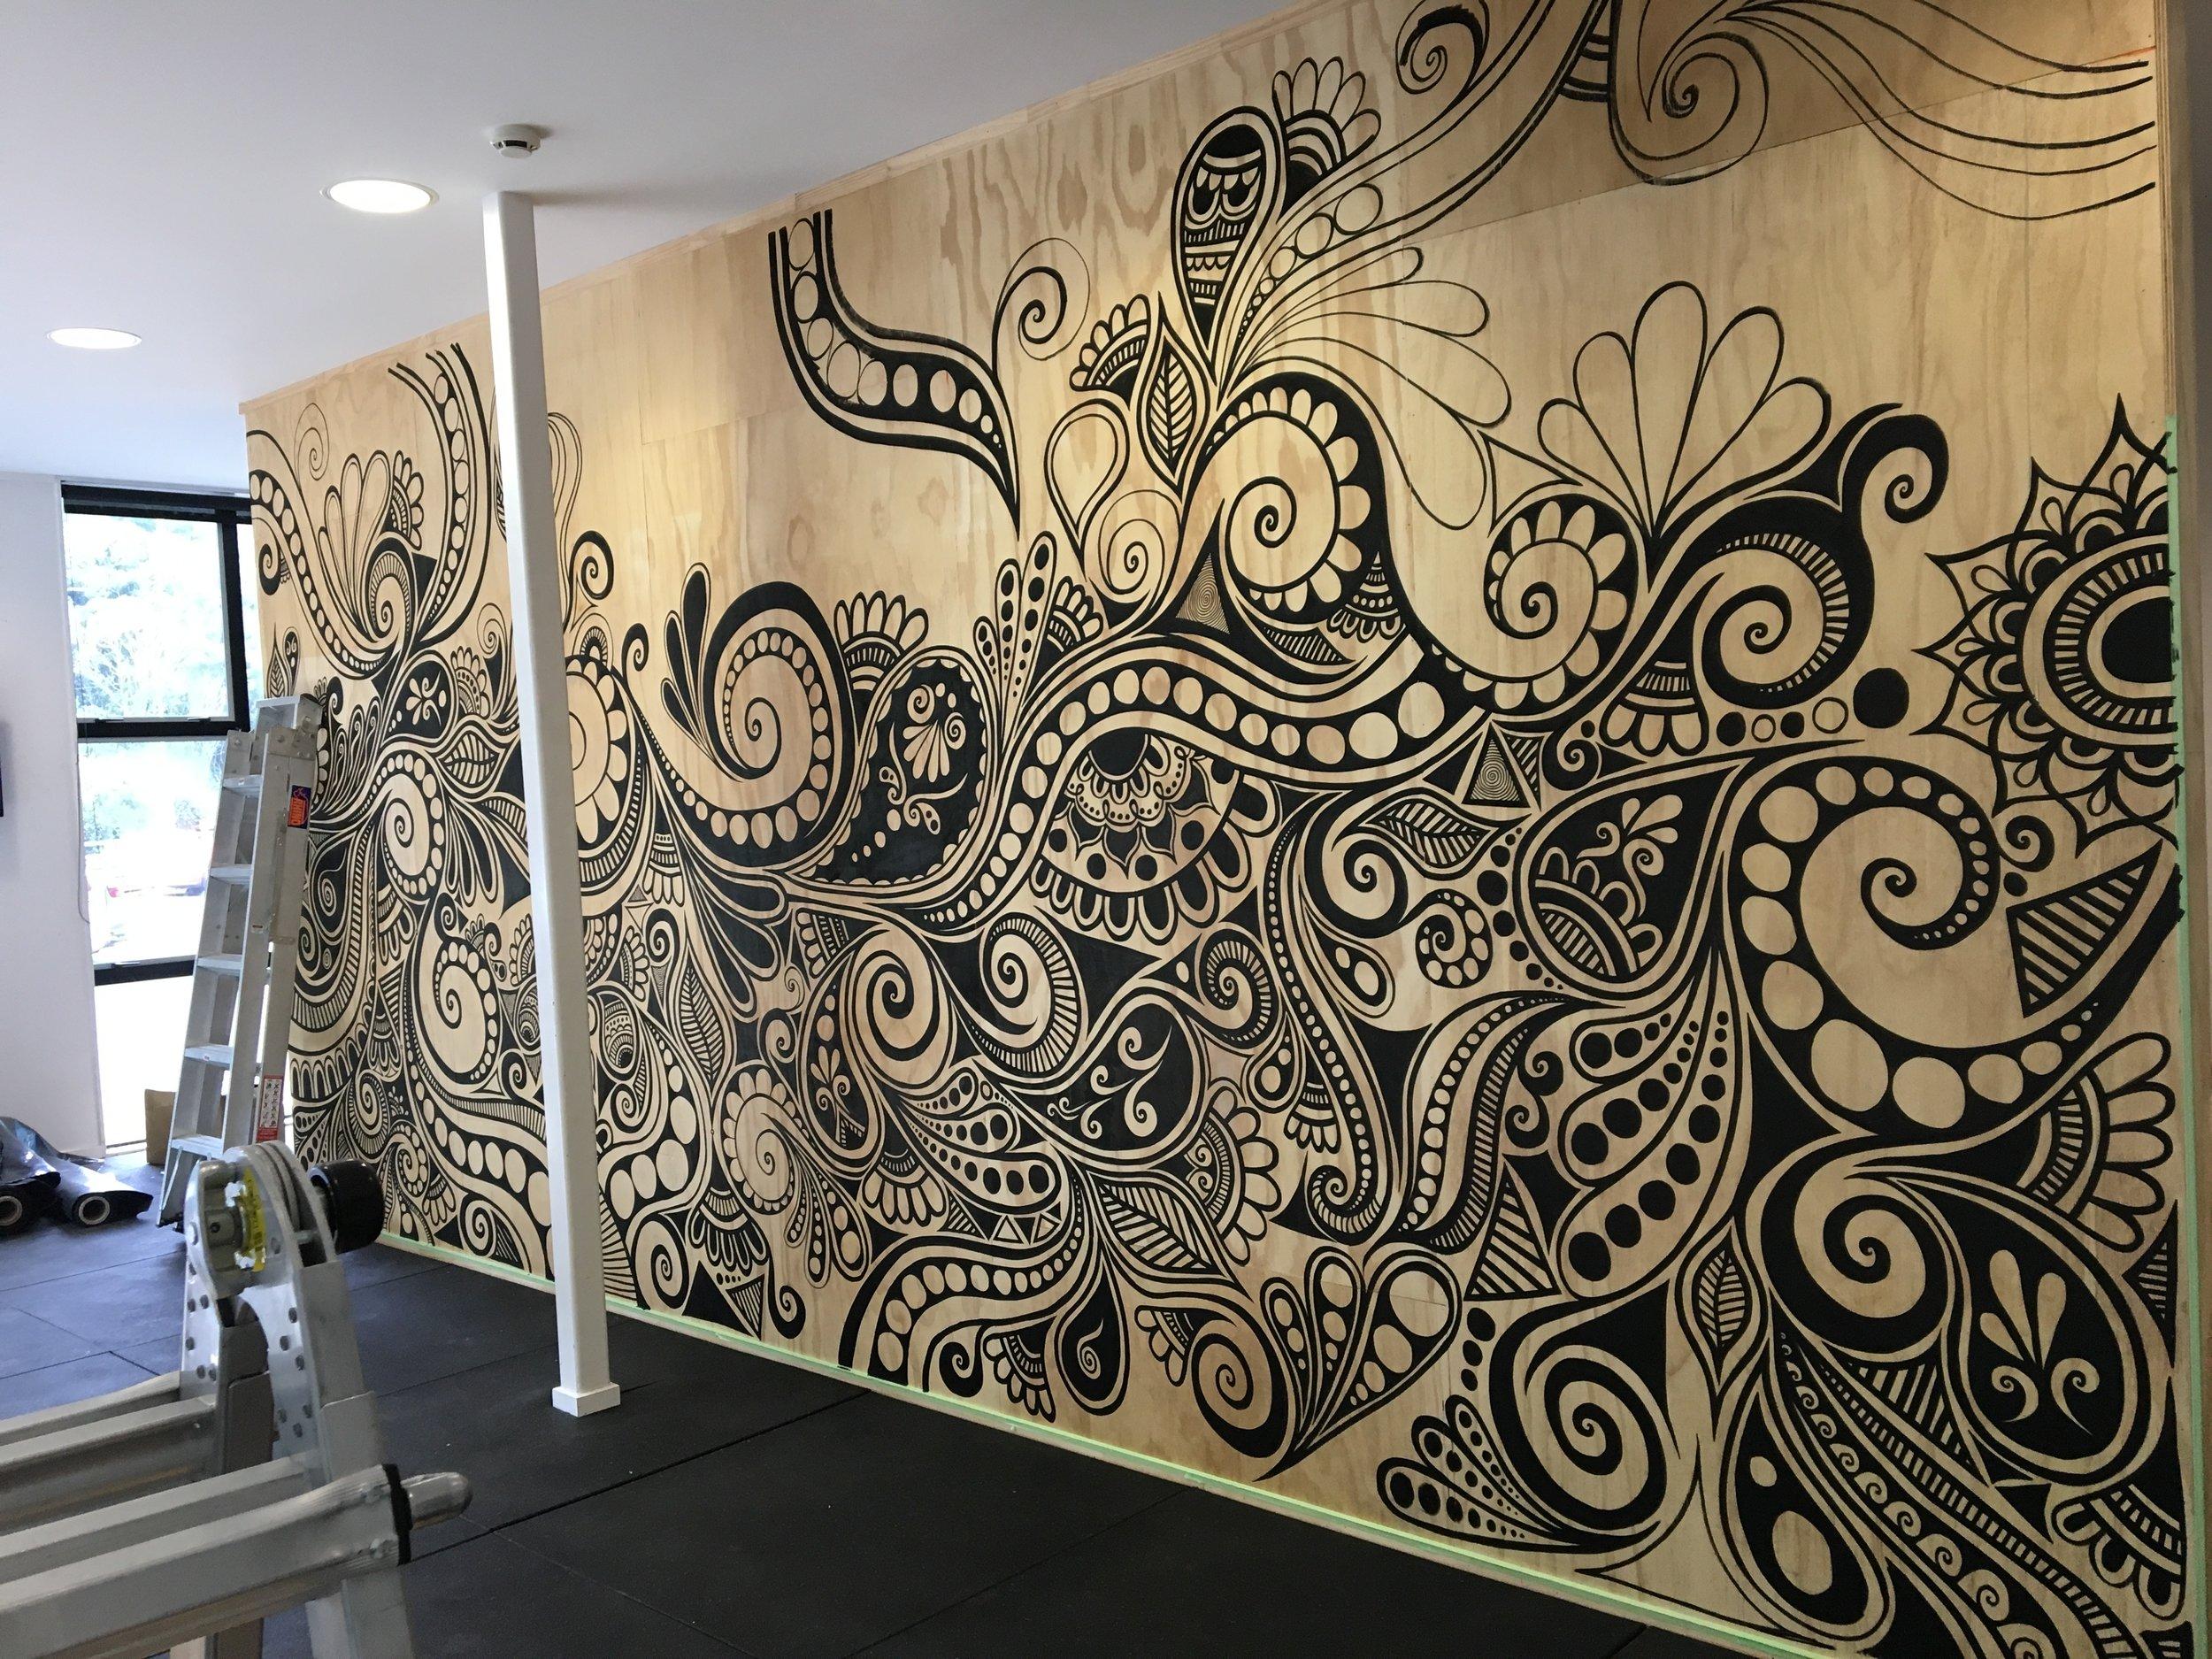 mural-by-fortyonehundred.jpg